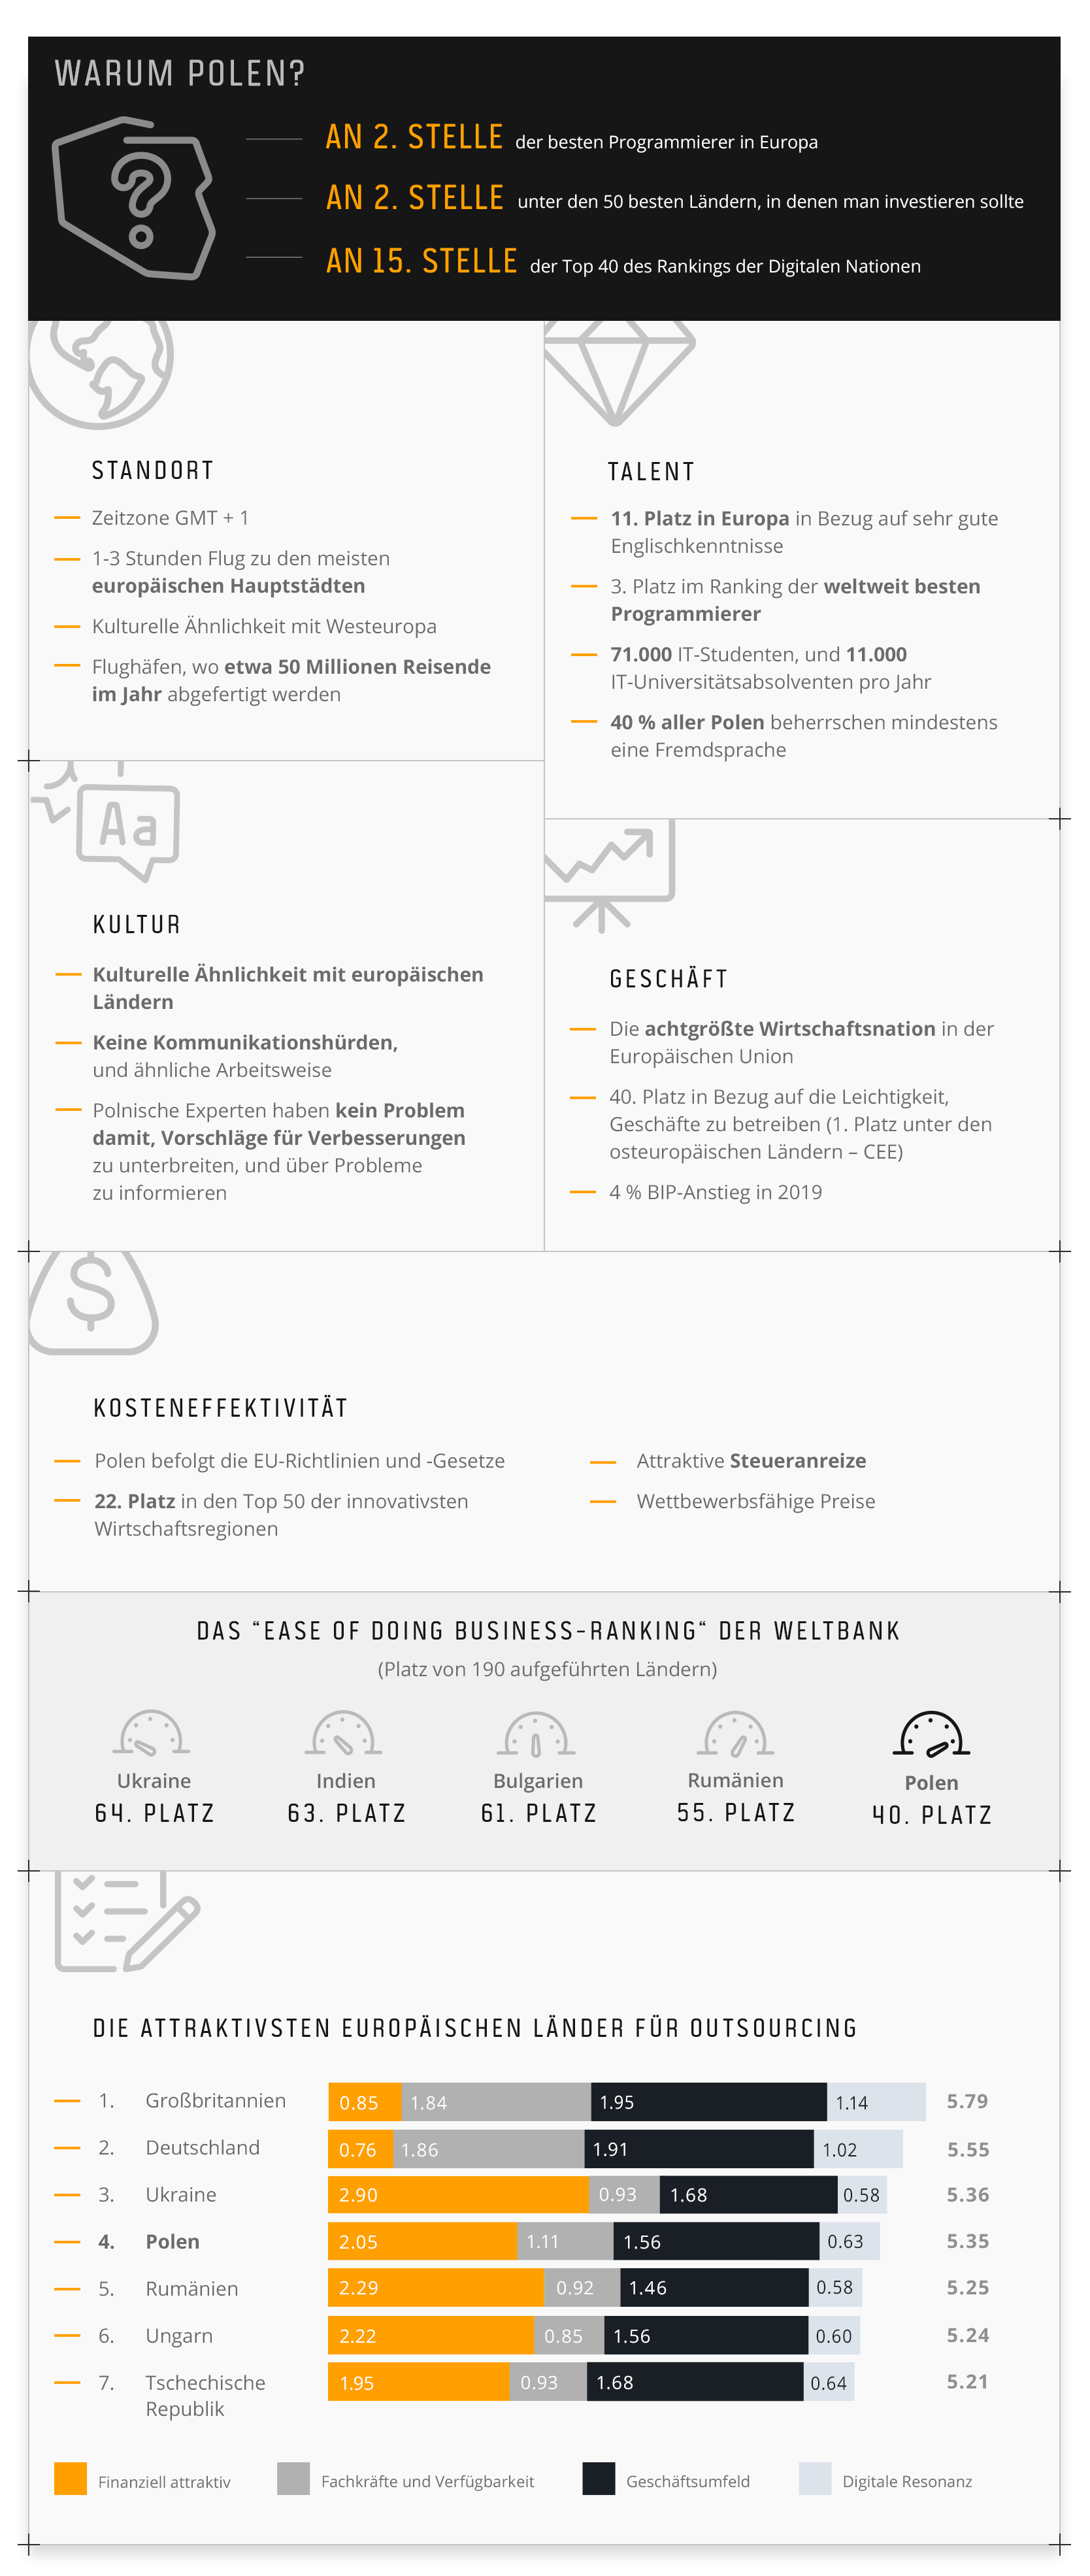 Entscheidung für Polen als Outsourcing-Standort